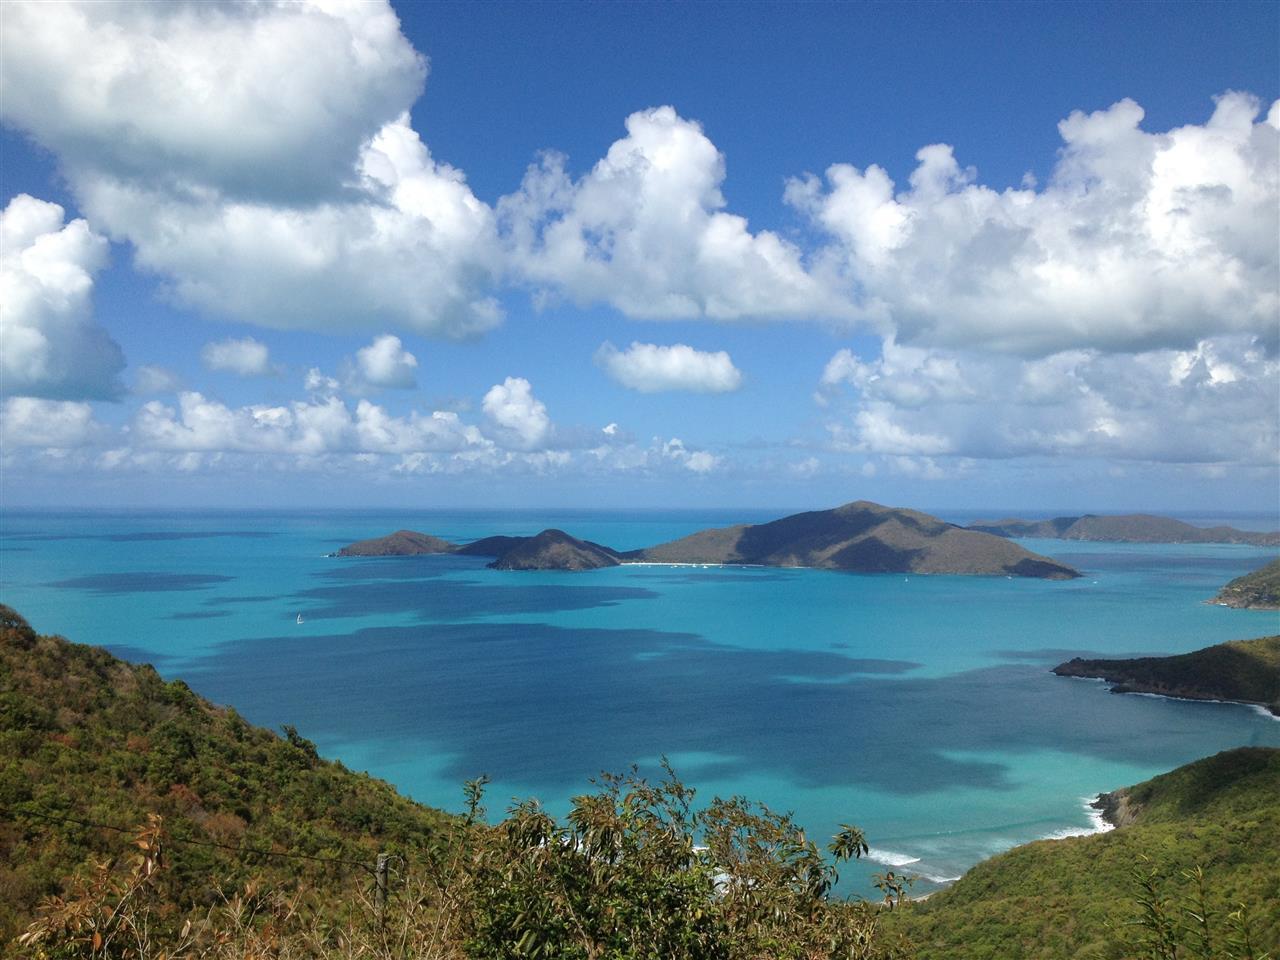 North Shore View, Tortola Courtesy of Smiths Gore BVI Ltd.